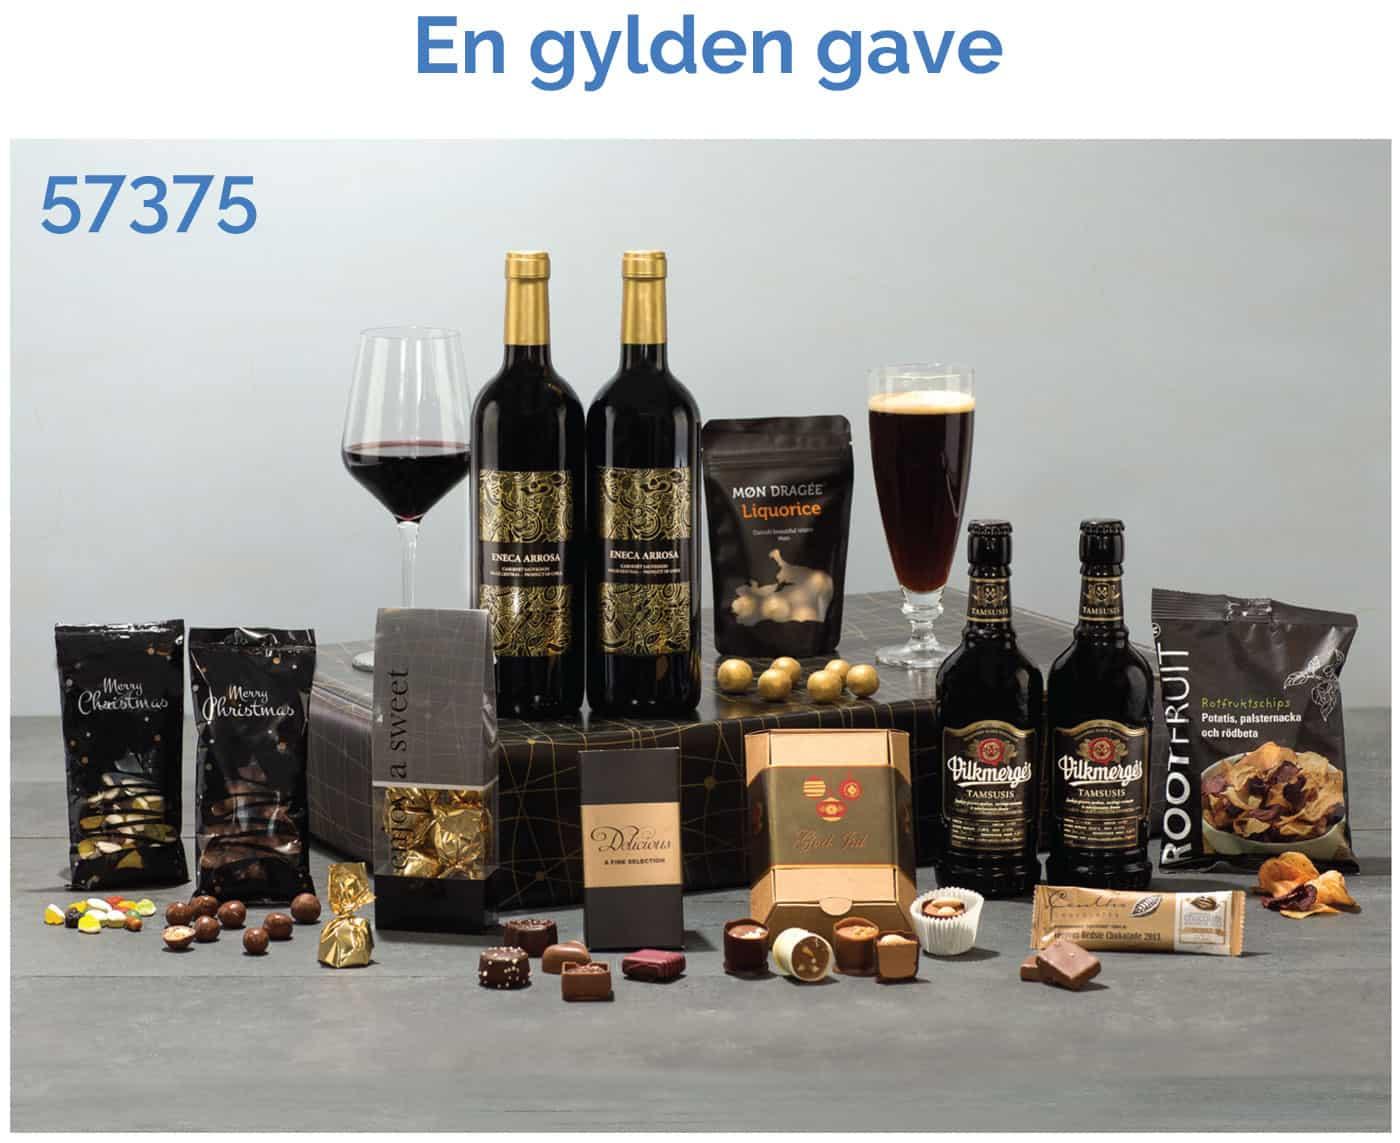 En Gylden gave - 57375